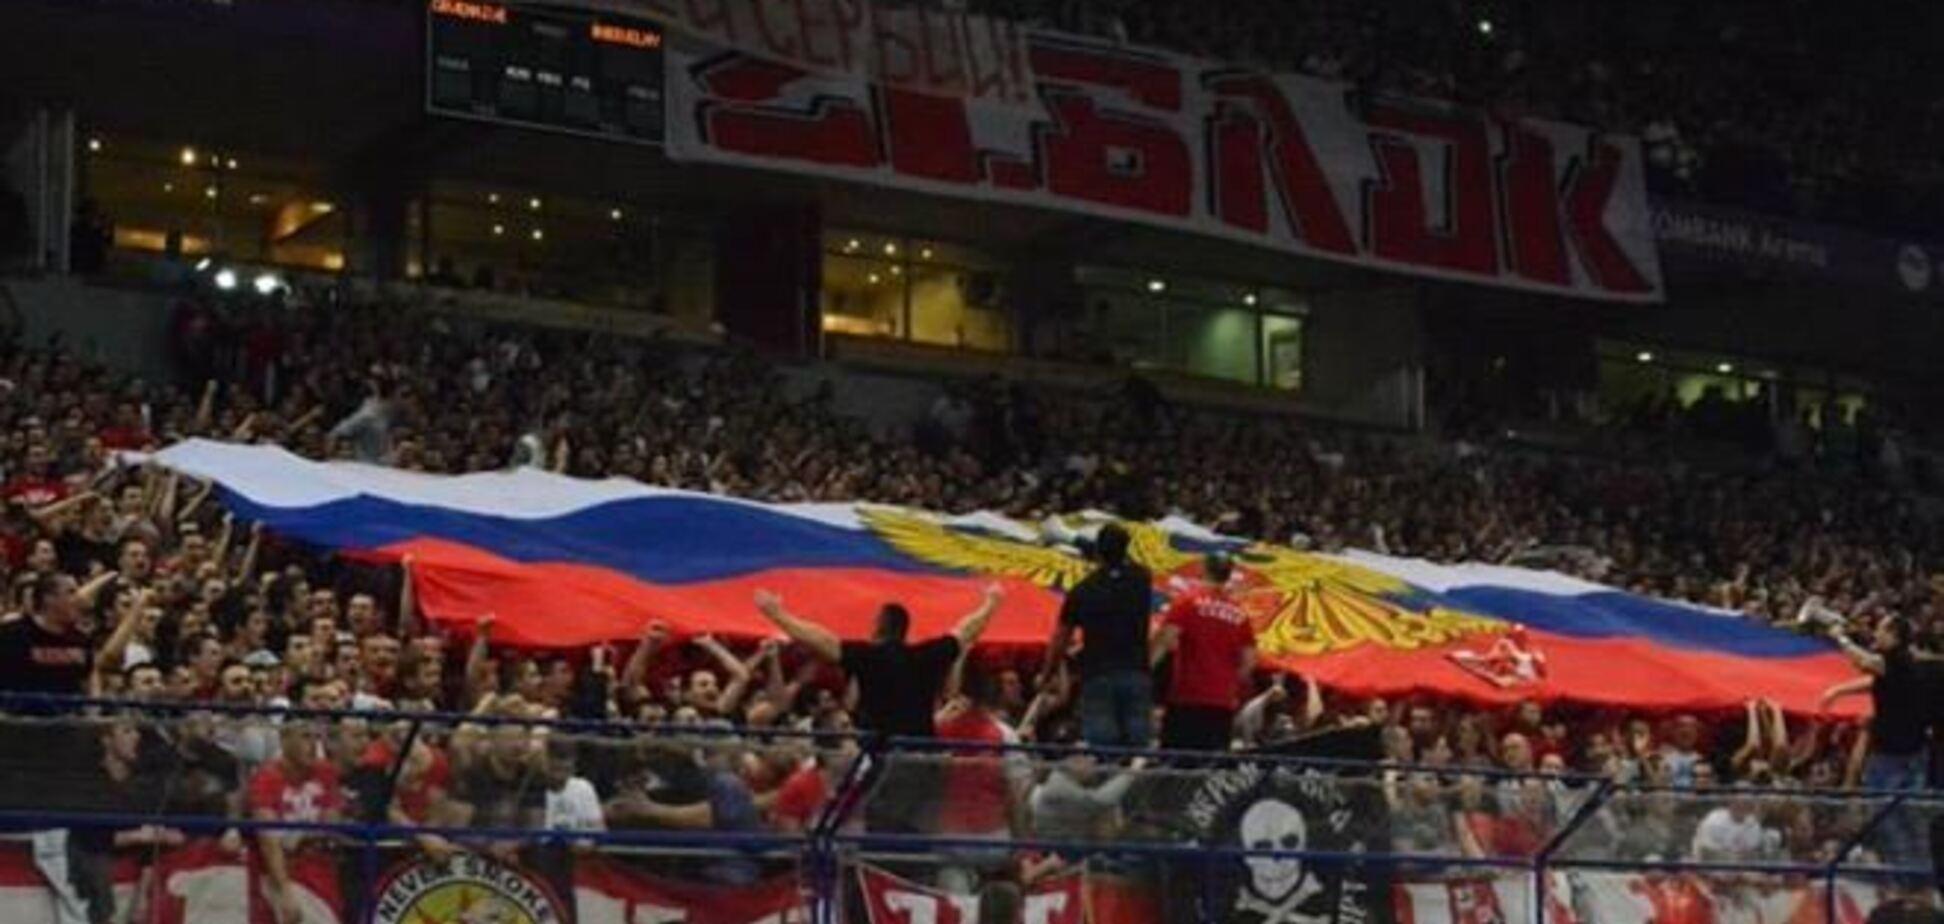 Сербские фанаты 'приветствовали' украинский 'Будивельник' российским флагом